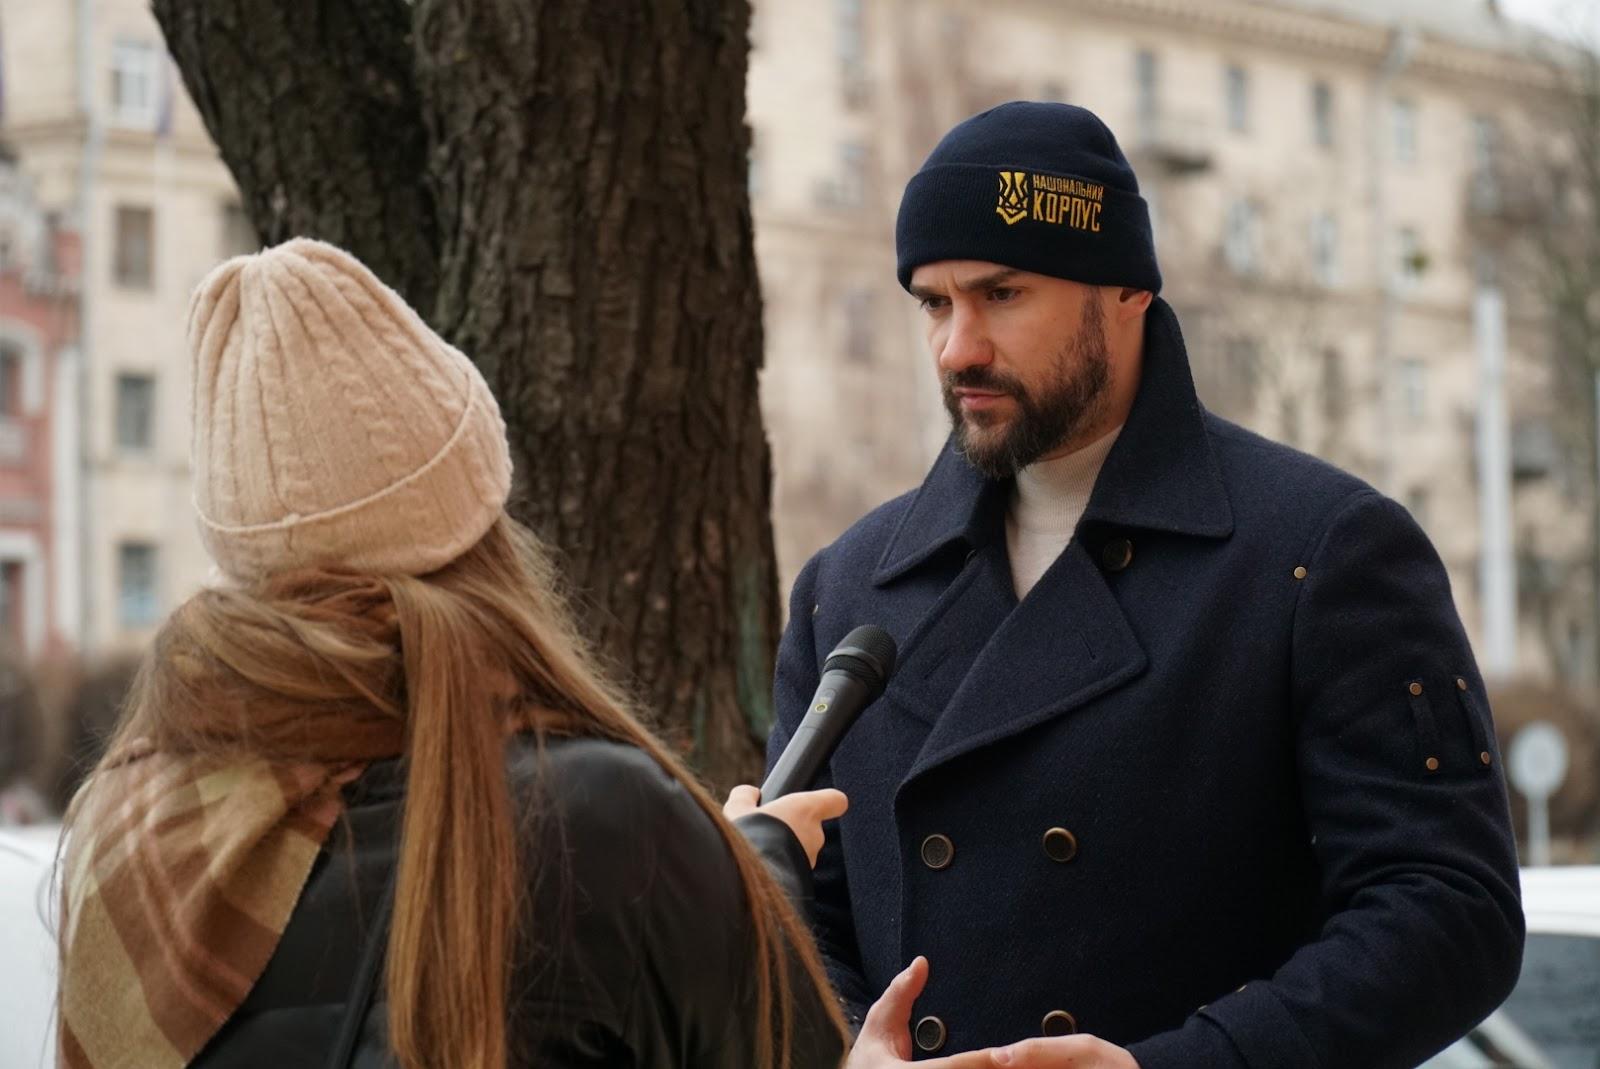 Сергій Тамарін, Печерський суд, акція Нацкорпусу